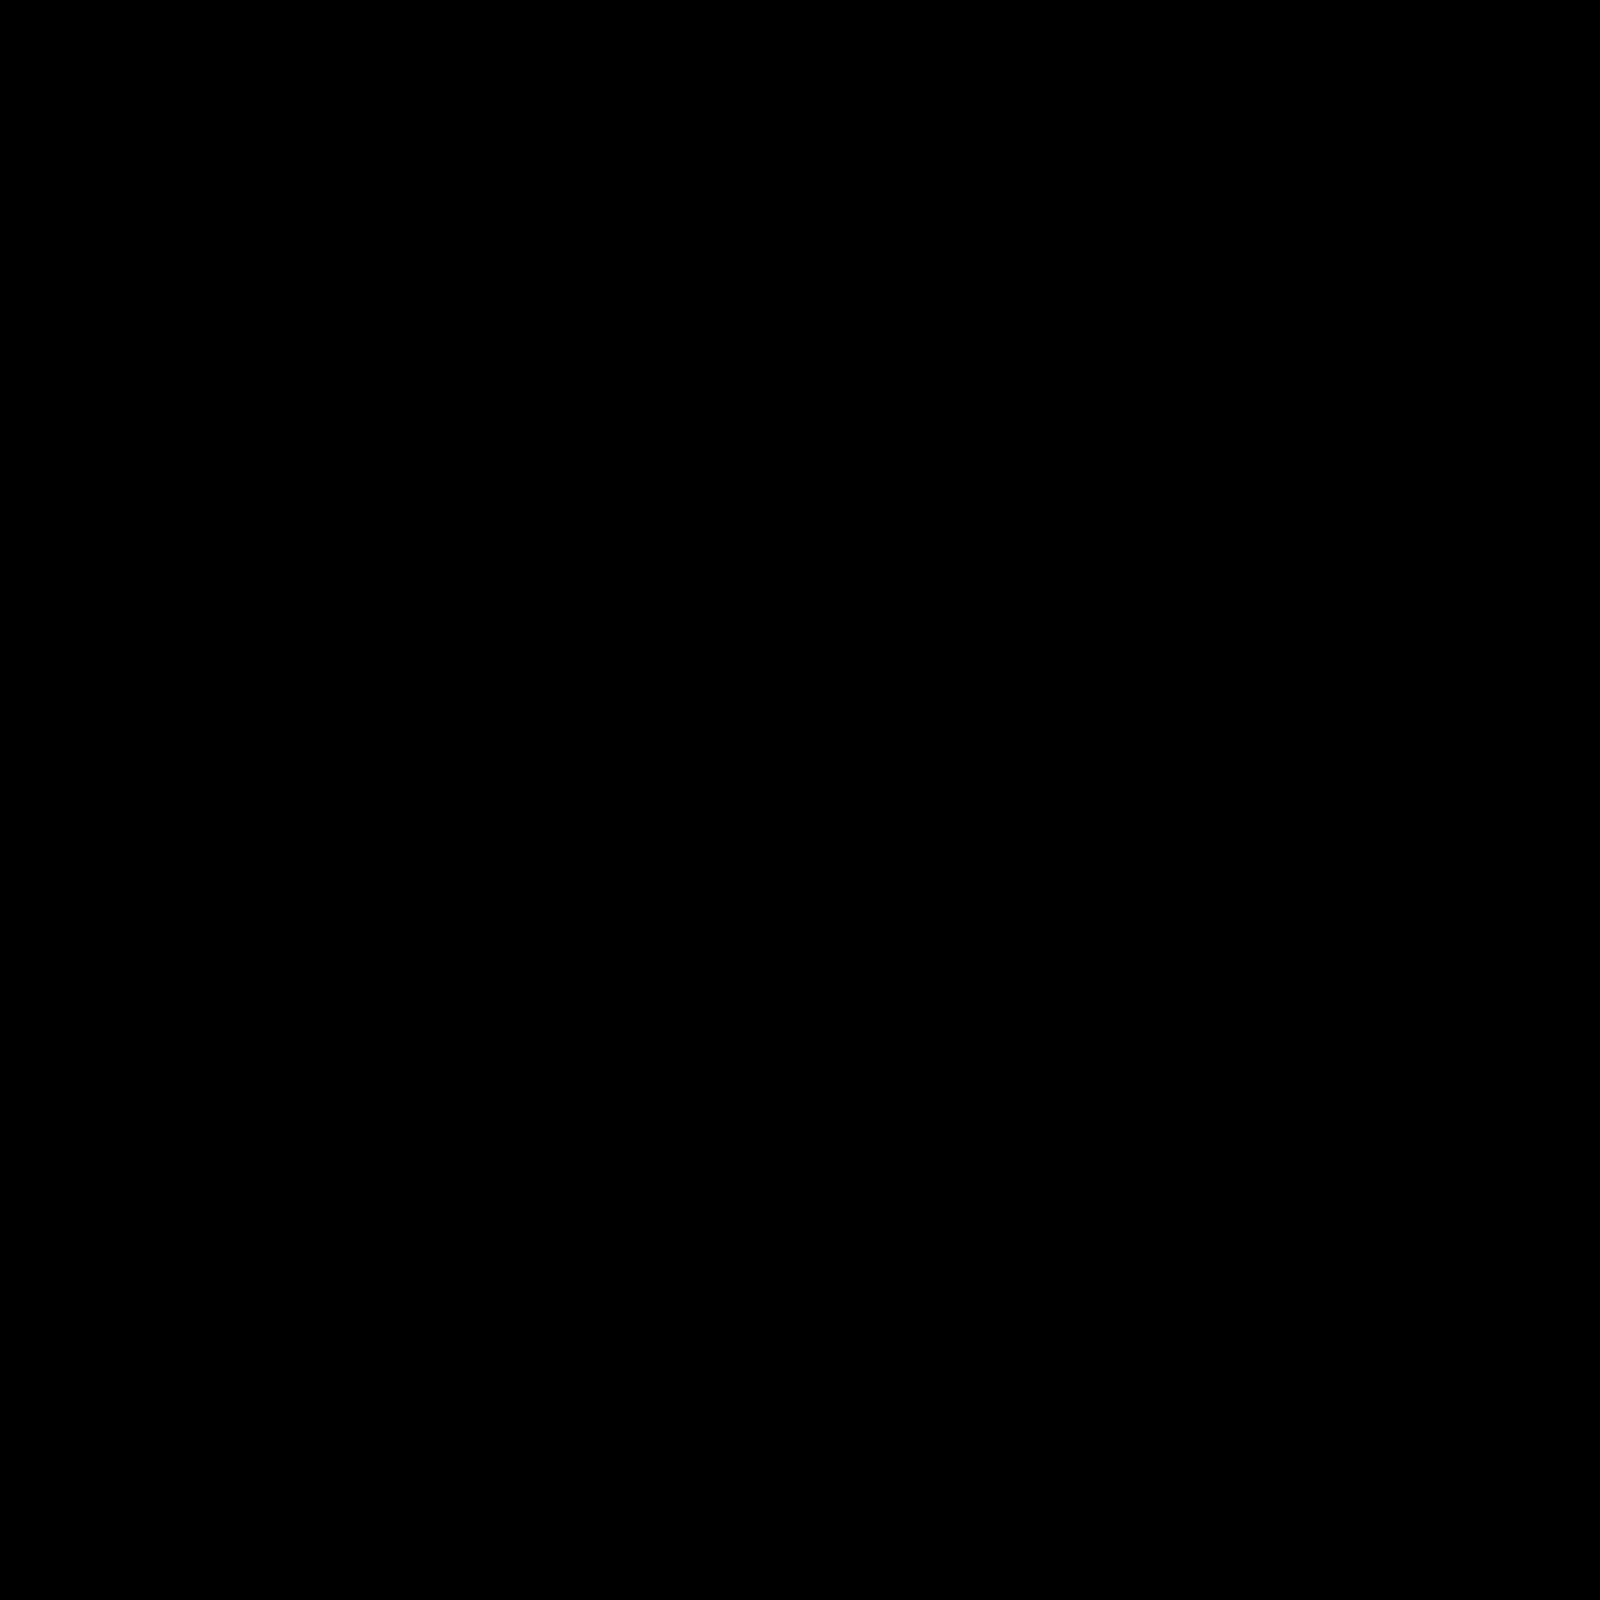 Pied Piper 5 icon